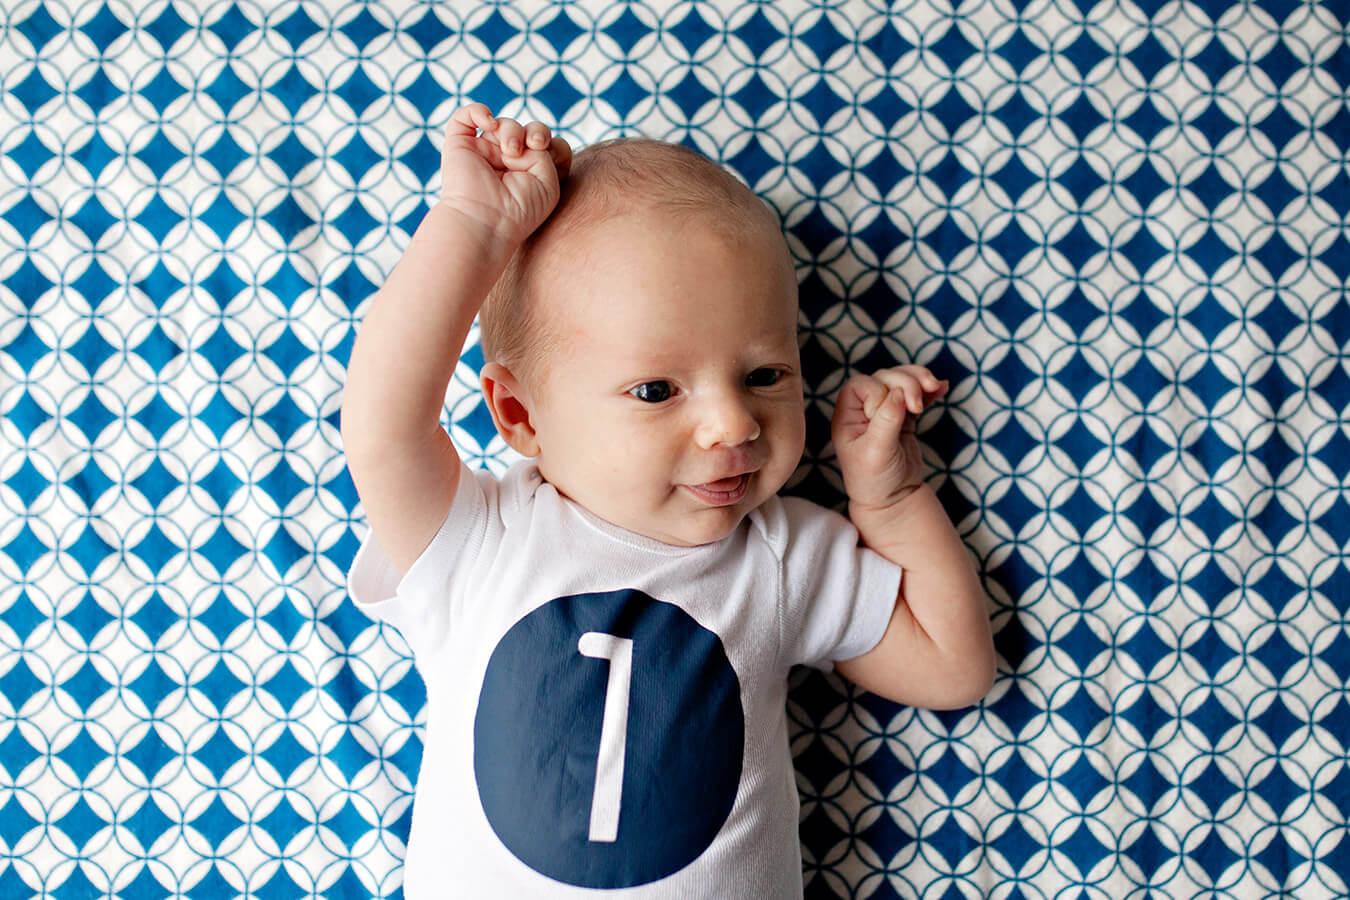 4 tygodniowe dziecko – Jak wygląda 4 tydzień życia dziecka?